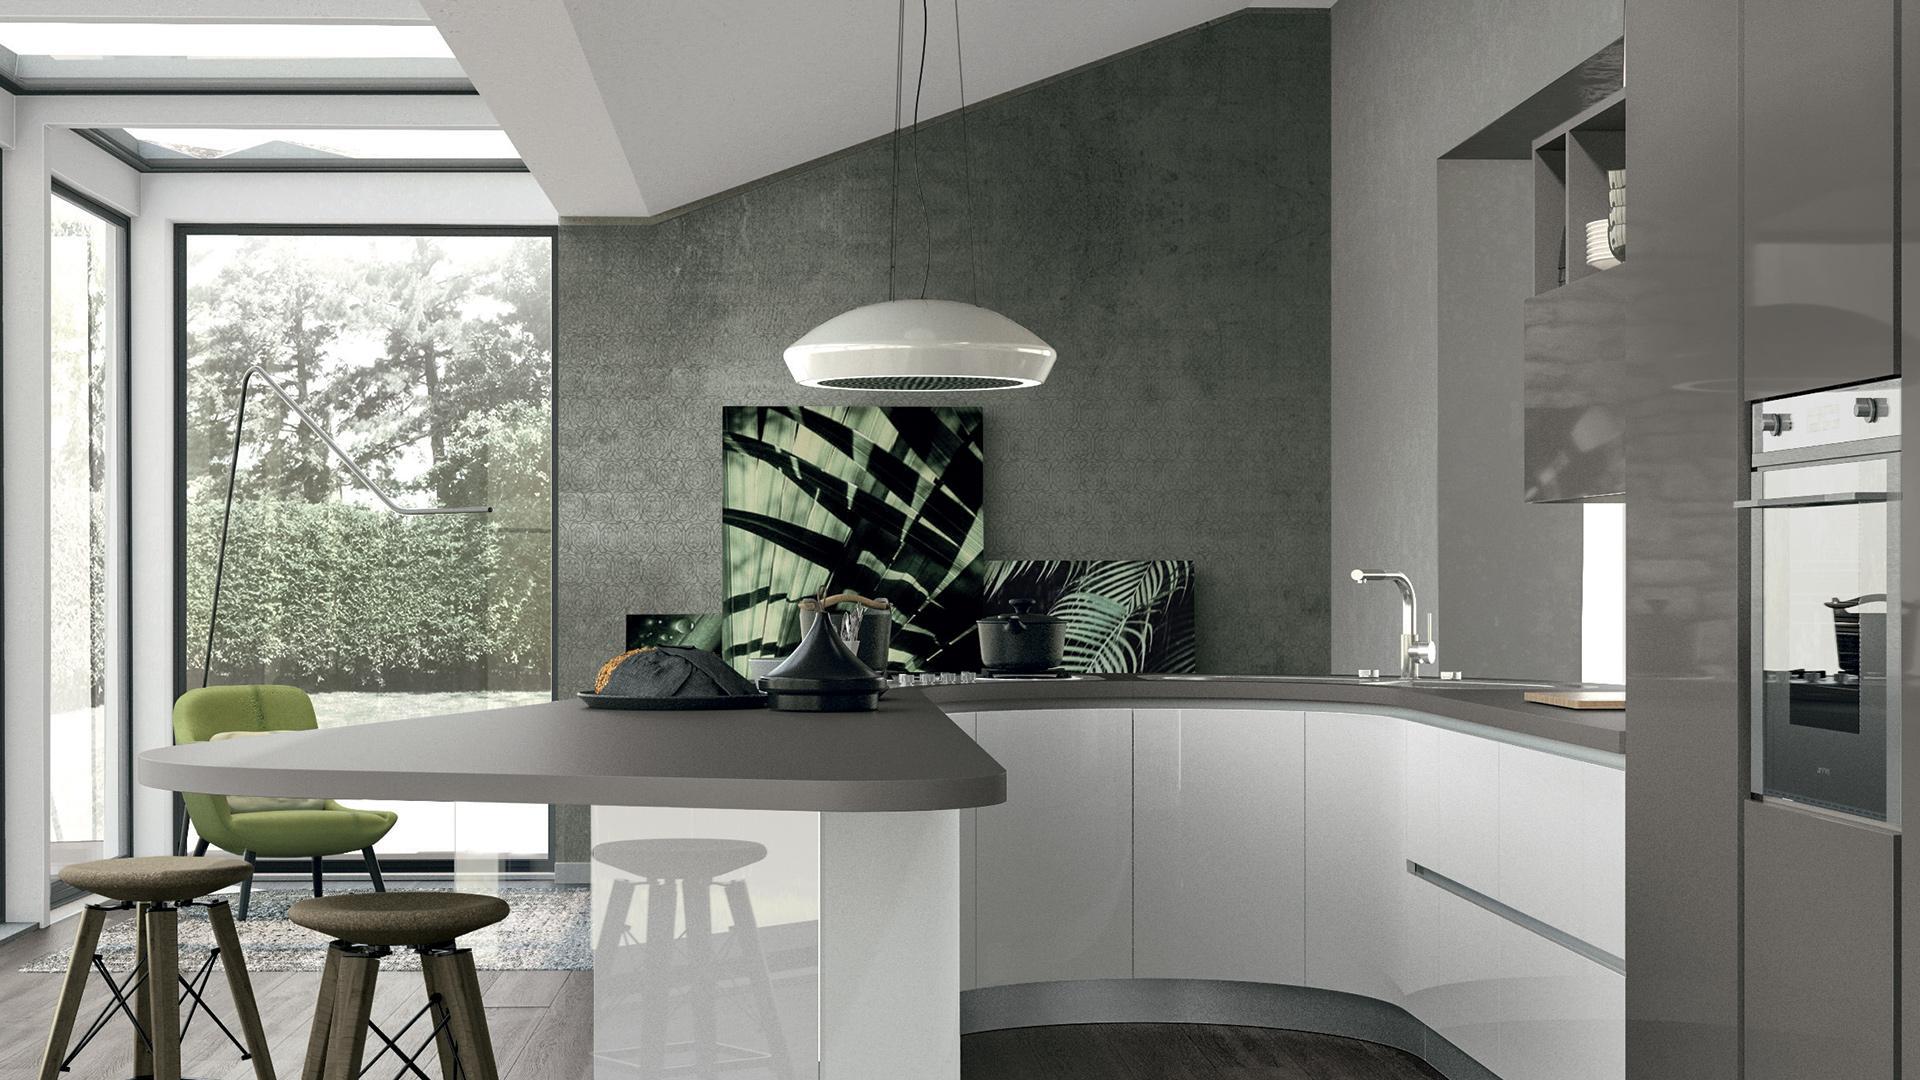 Come Decorare Una Cucina Rustica piccoli consigli di stile per arredare una cucina senza